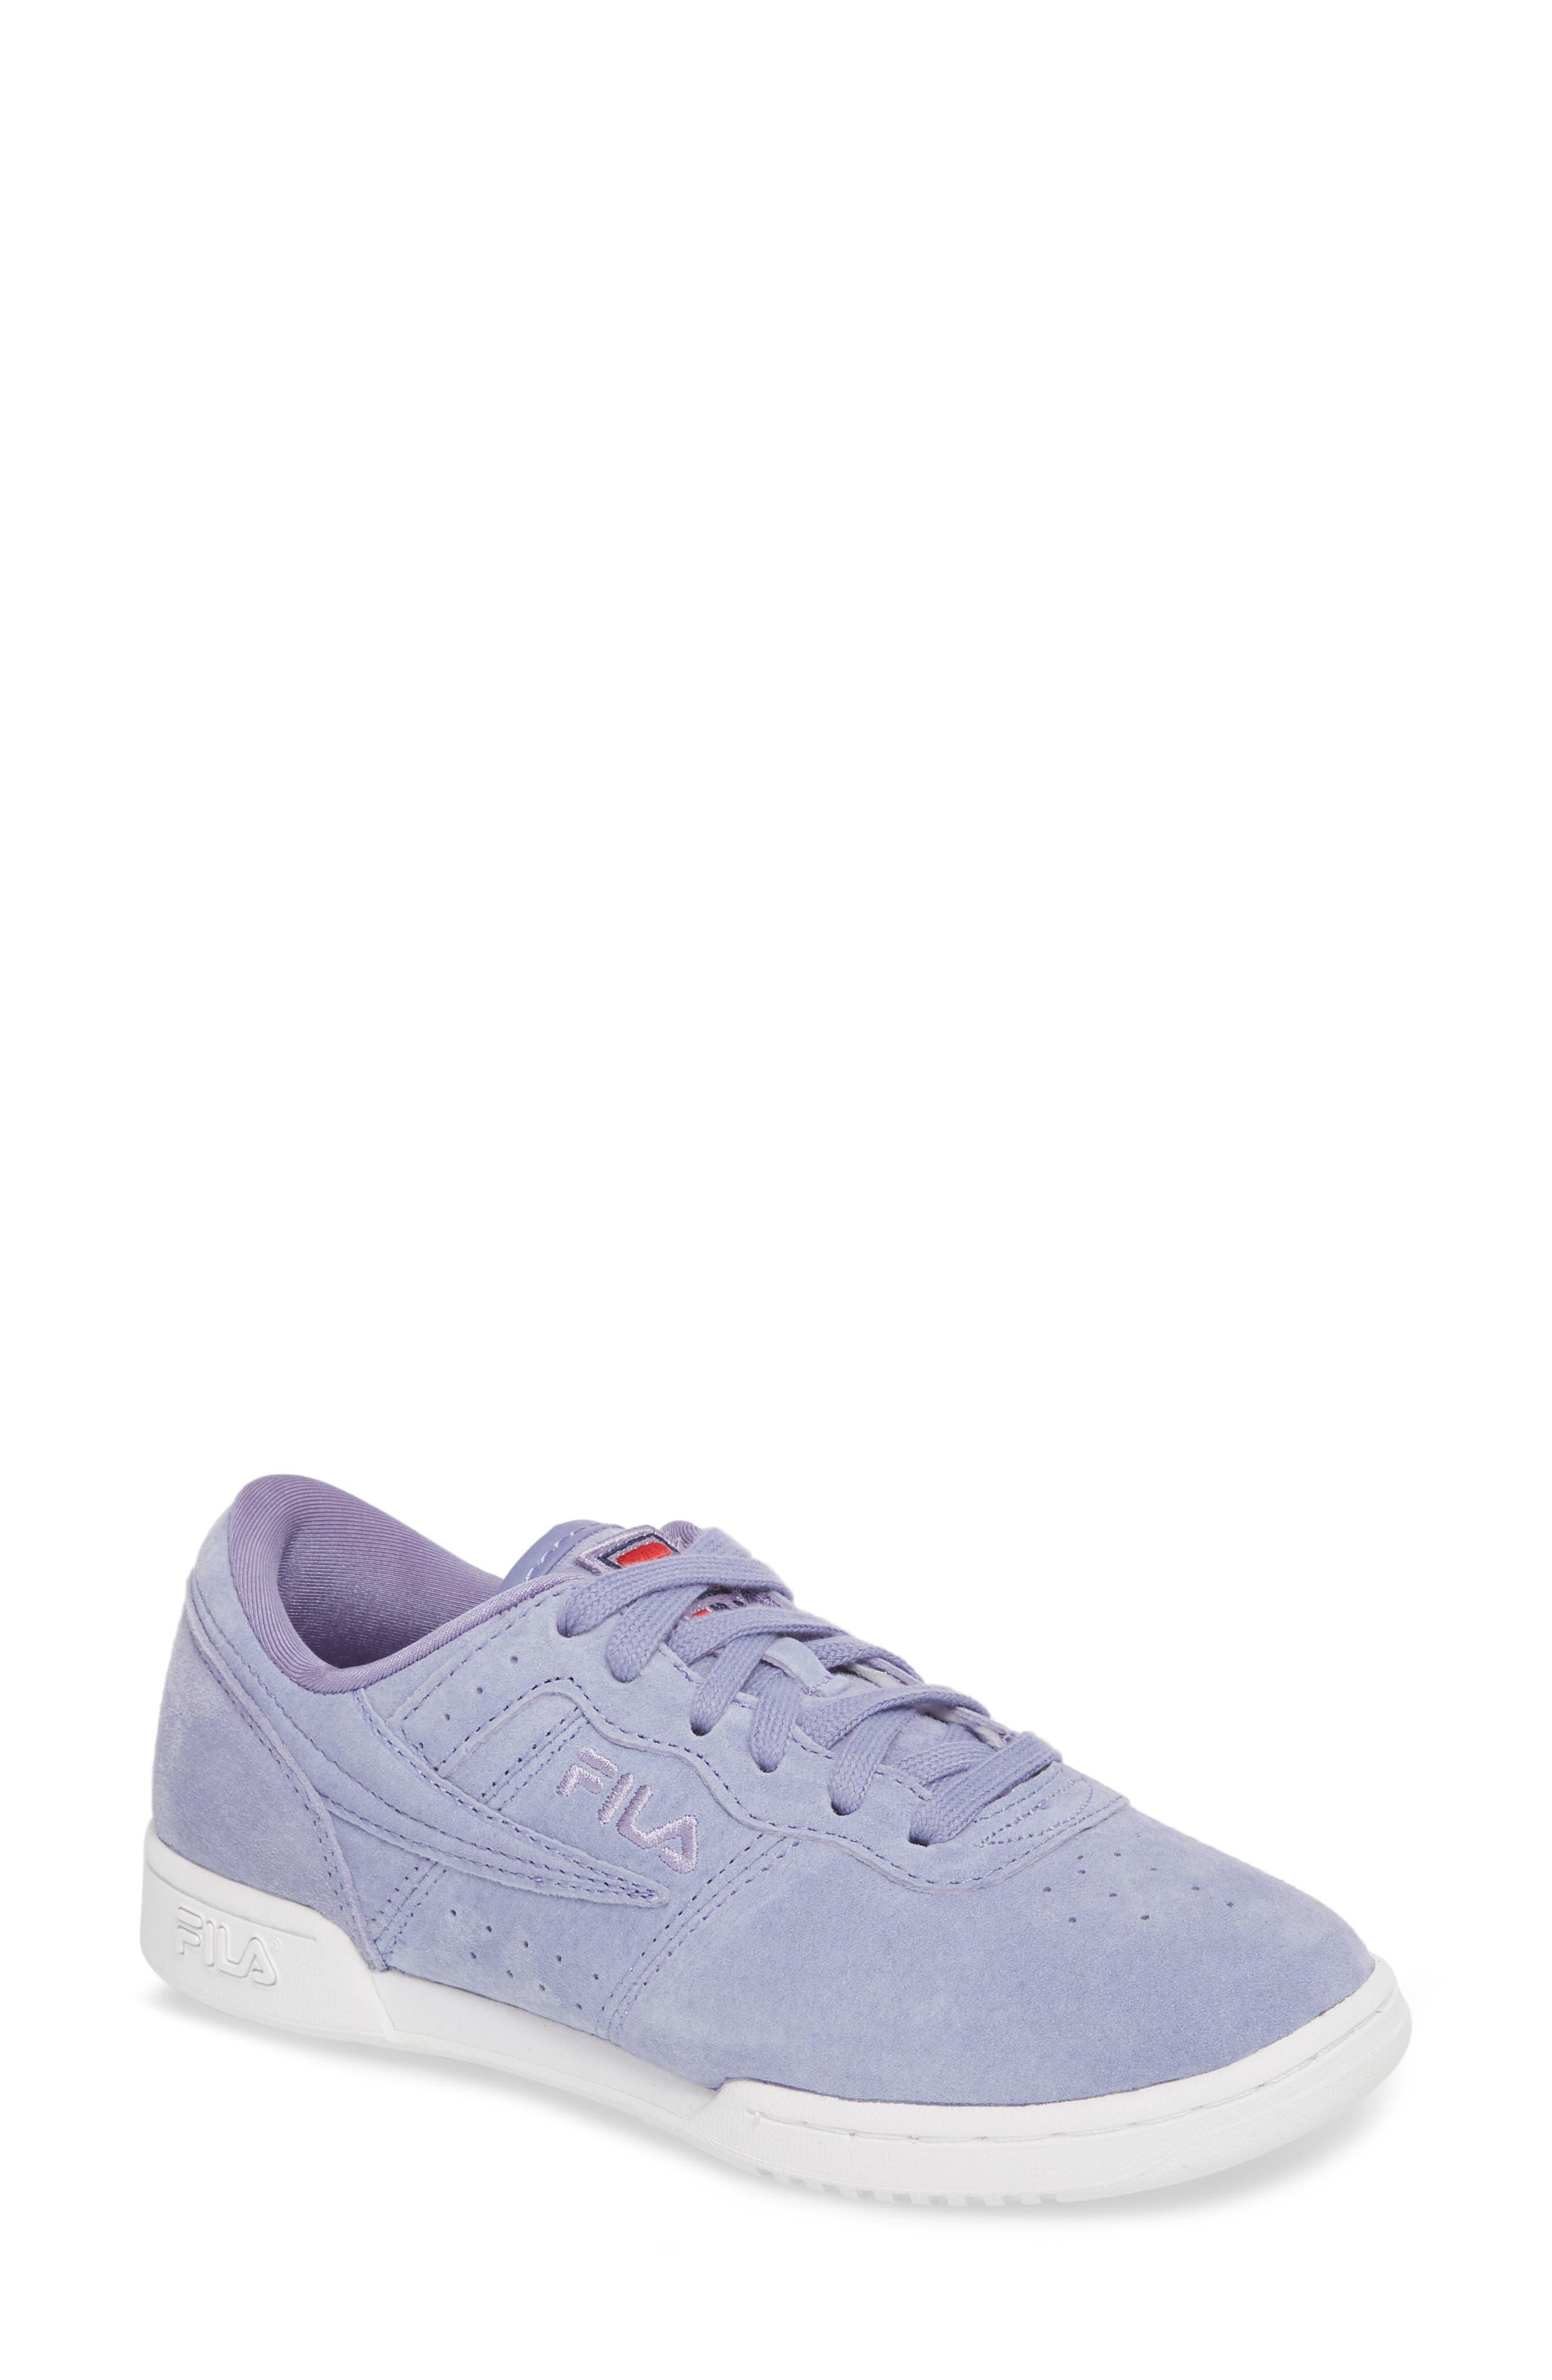 Original Fitness Premium Sneaker,                         Main,                         color, SLAV/ SLAV/ WHT